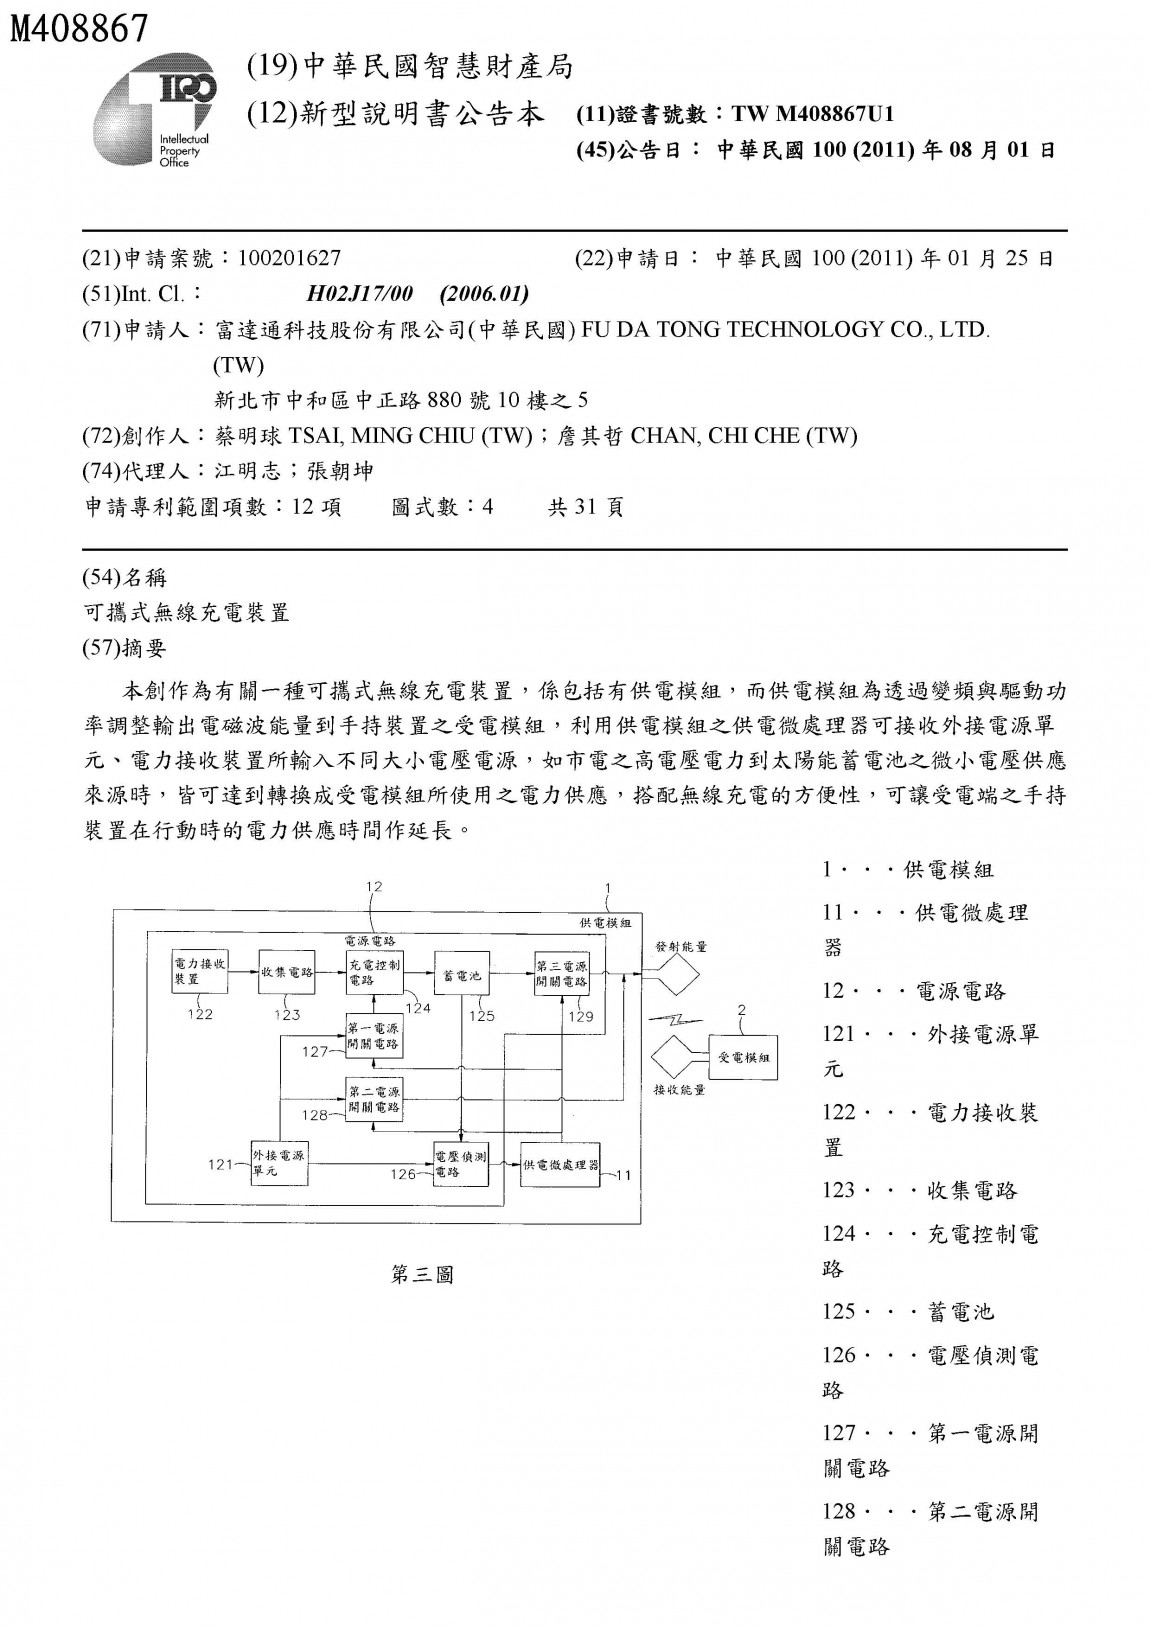 富達通專利09-可攜式無線充電裝置(台灣)M408867